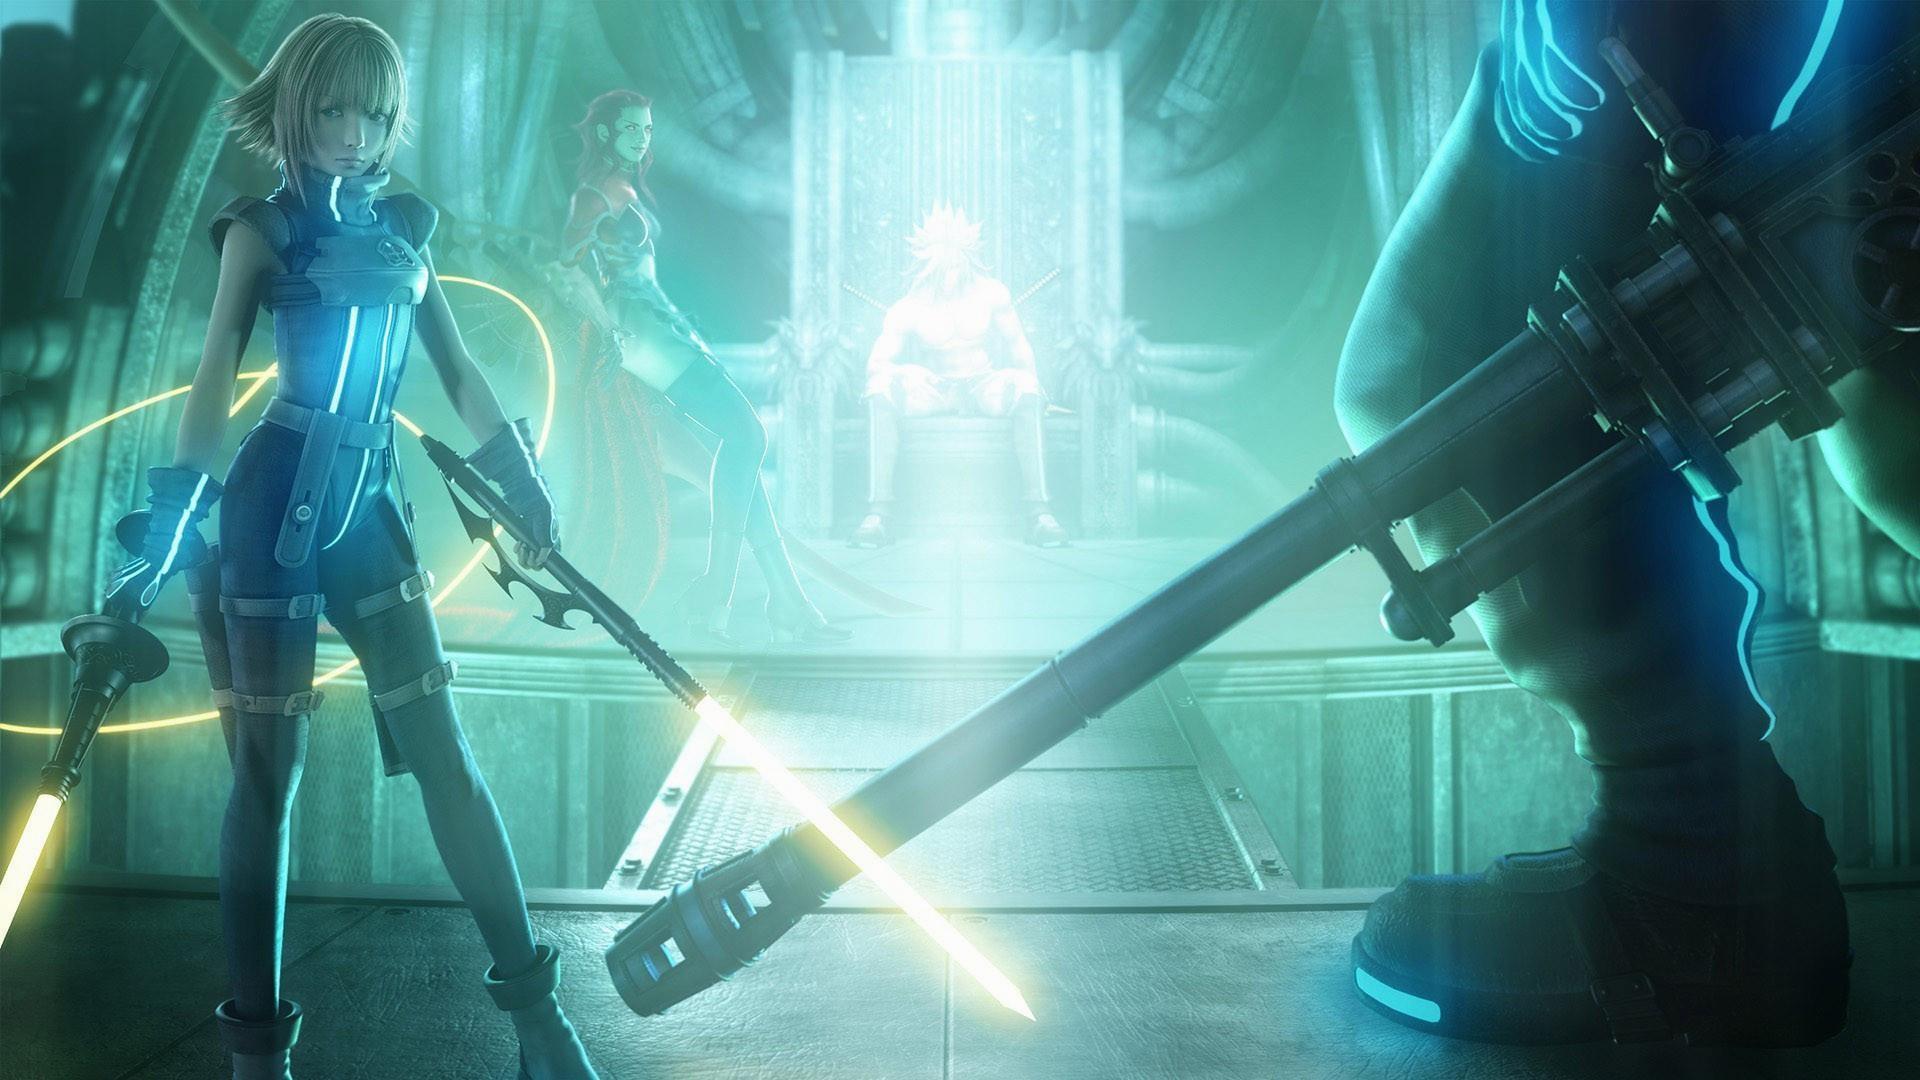 Final Fantasy 7 Remake Wallpaper (84+ images)